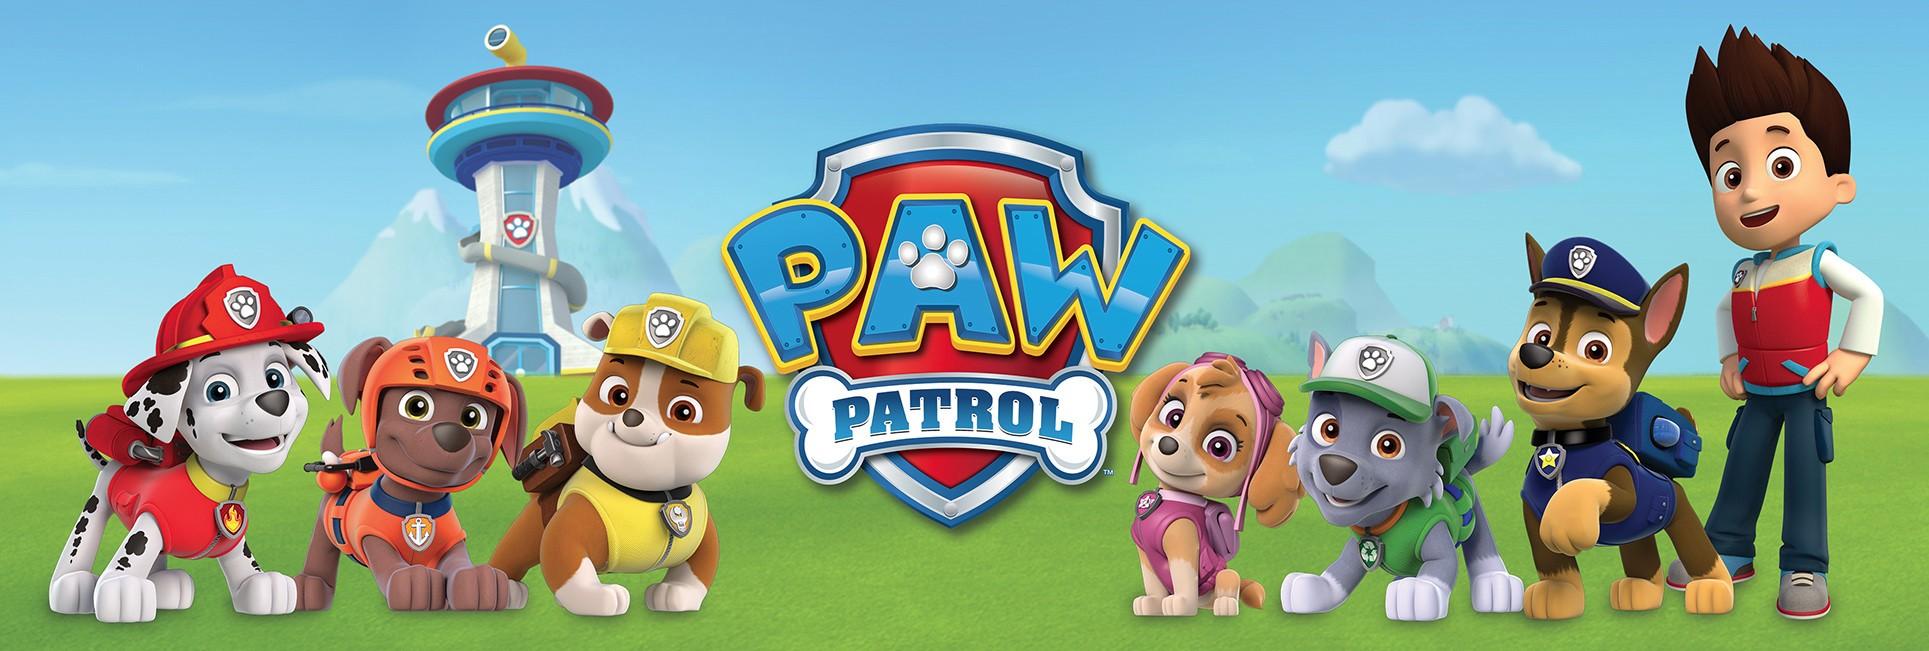 Quel personnage es-tu dans 'La Pat'Patrouille' ?